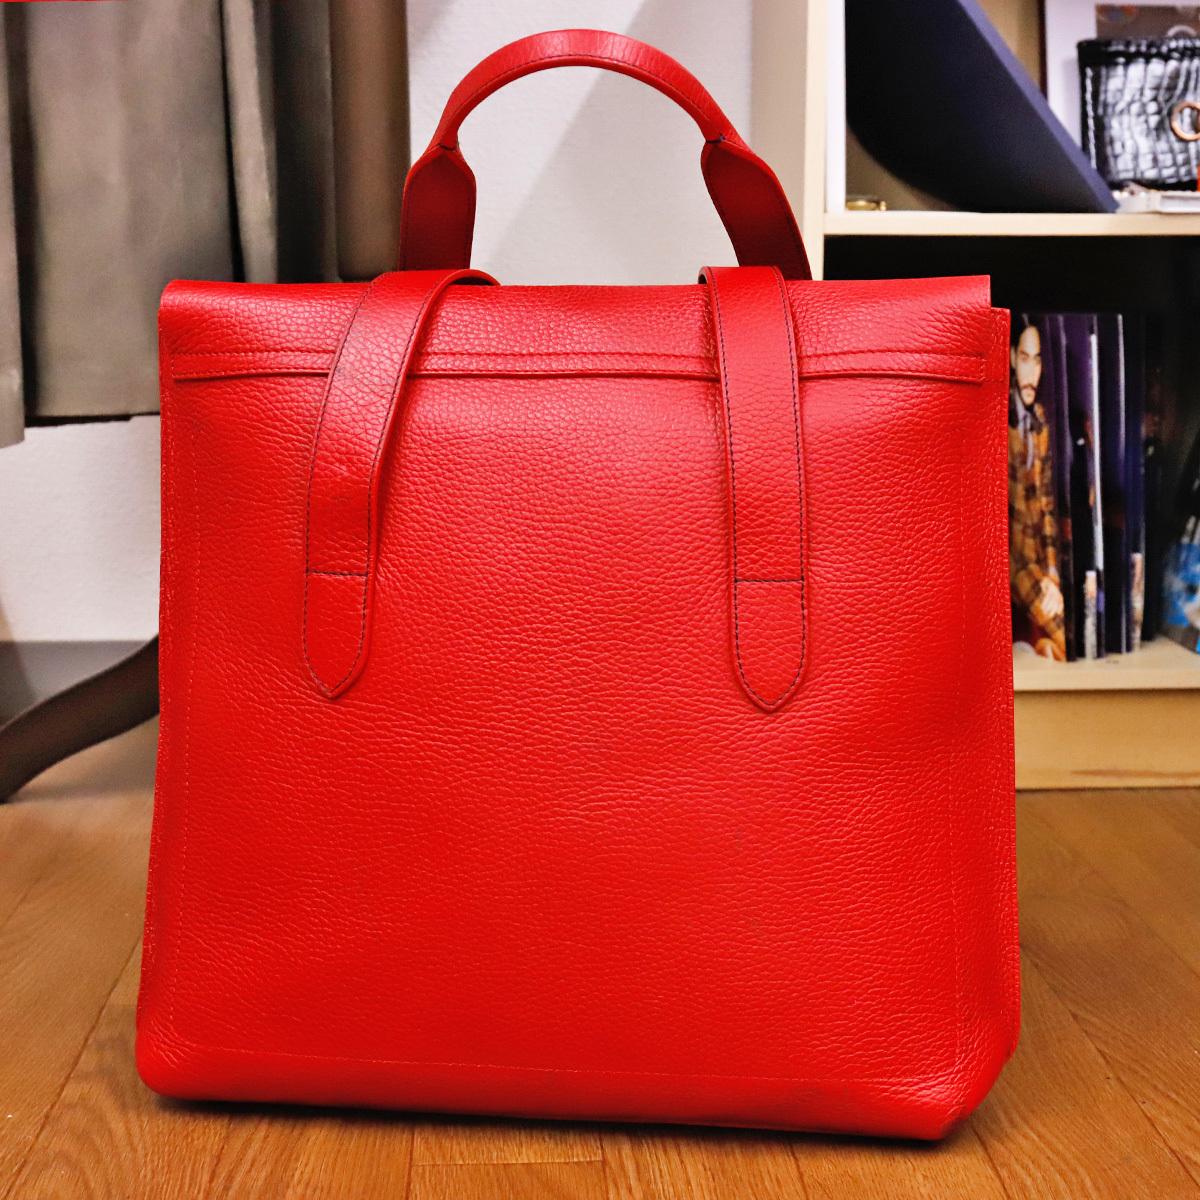 本物 ロエベ 完売モデル メンズコレクションライン トリヨンレザービジネスバッグ(A4書類対応)トートバッグ スペイン製 正規品 LOEWE_画像5